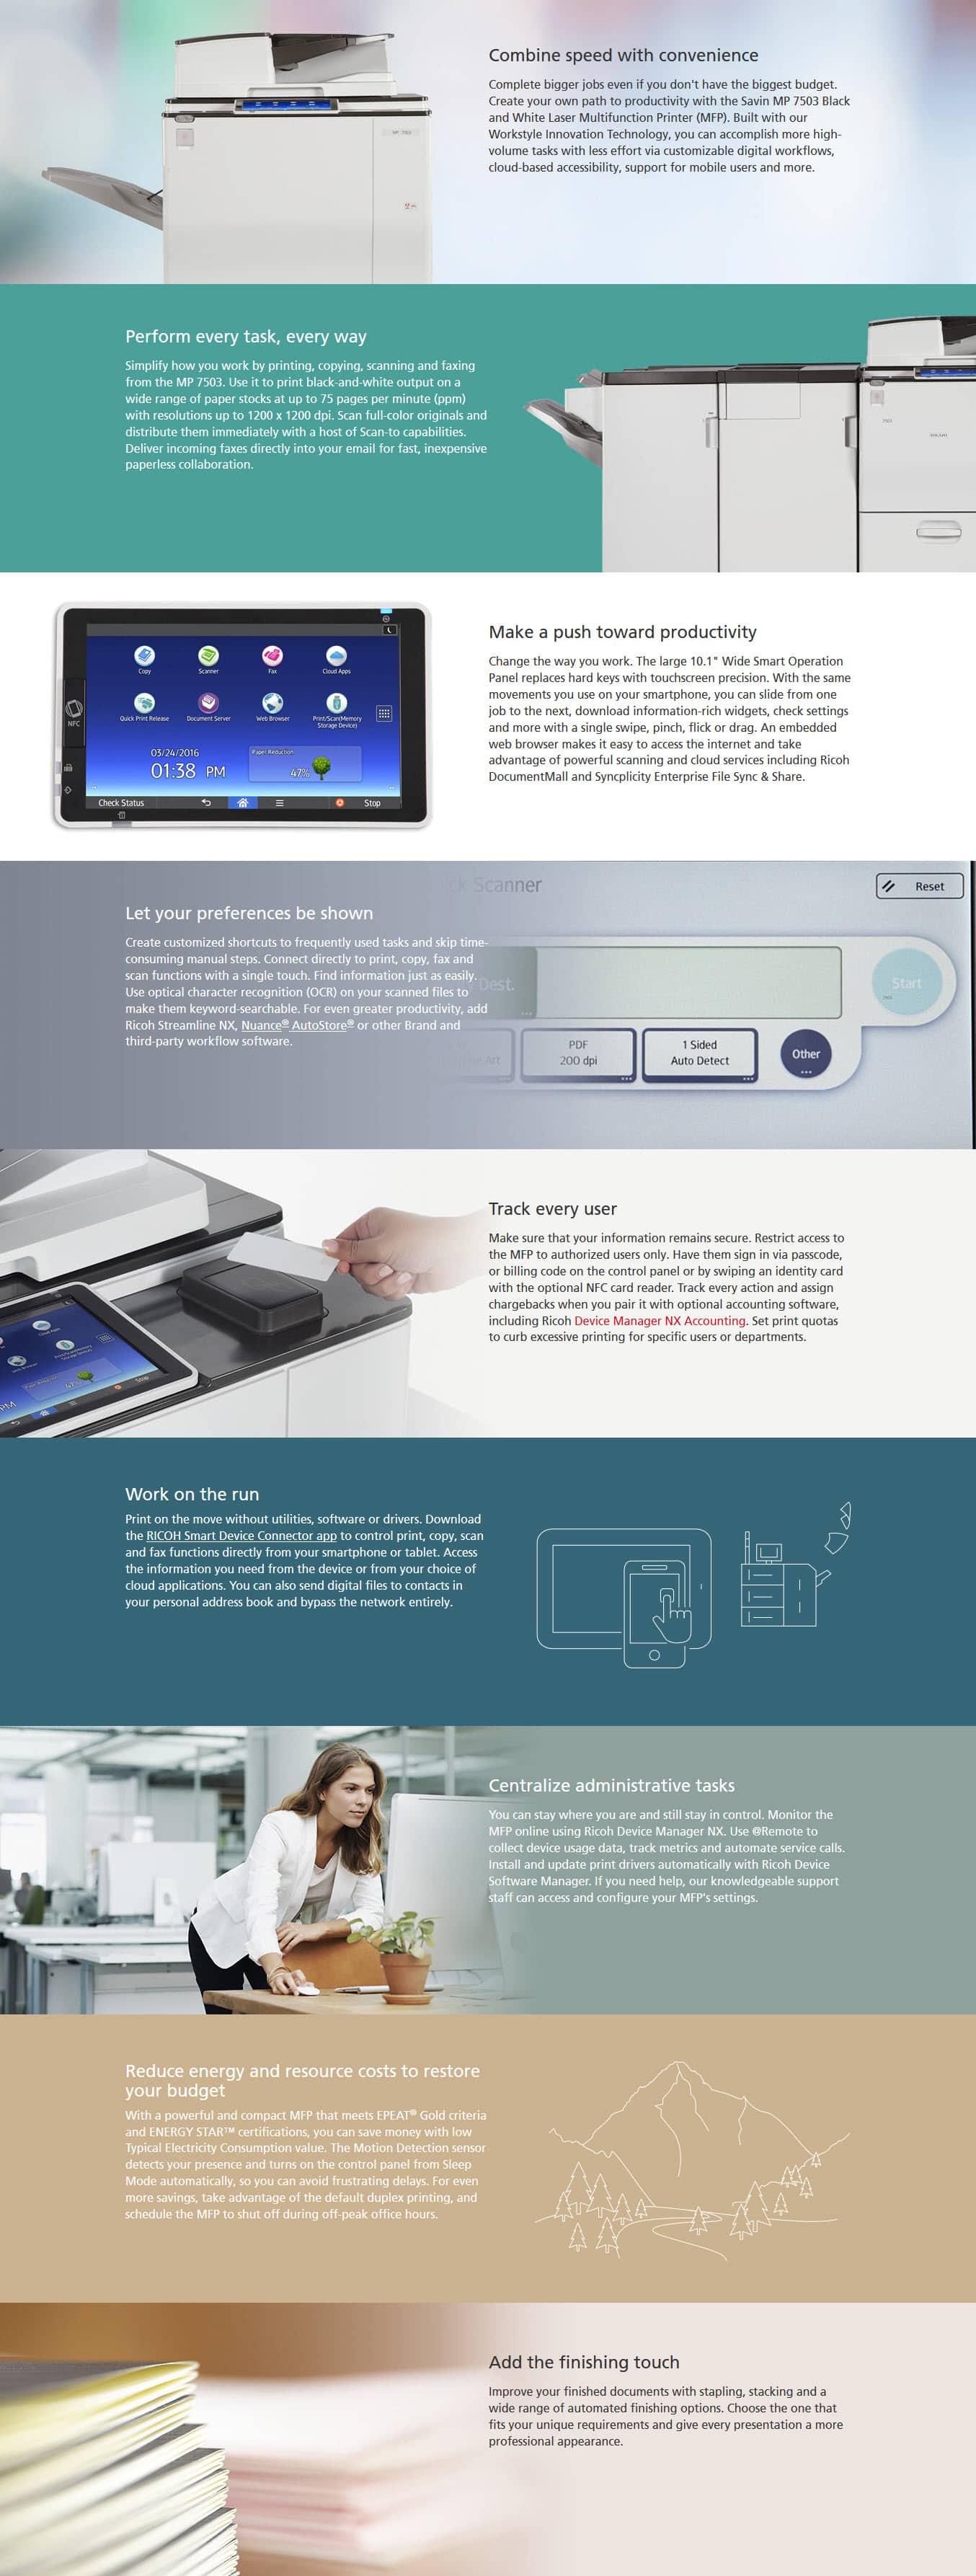 Savin MP 7503 Black and White Laser Multifunction Printer 6